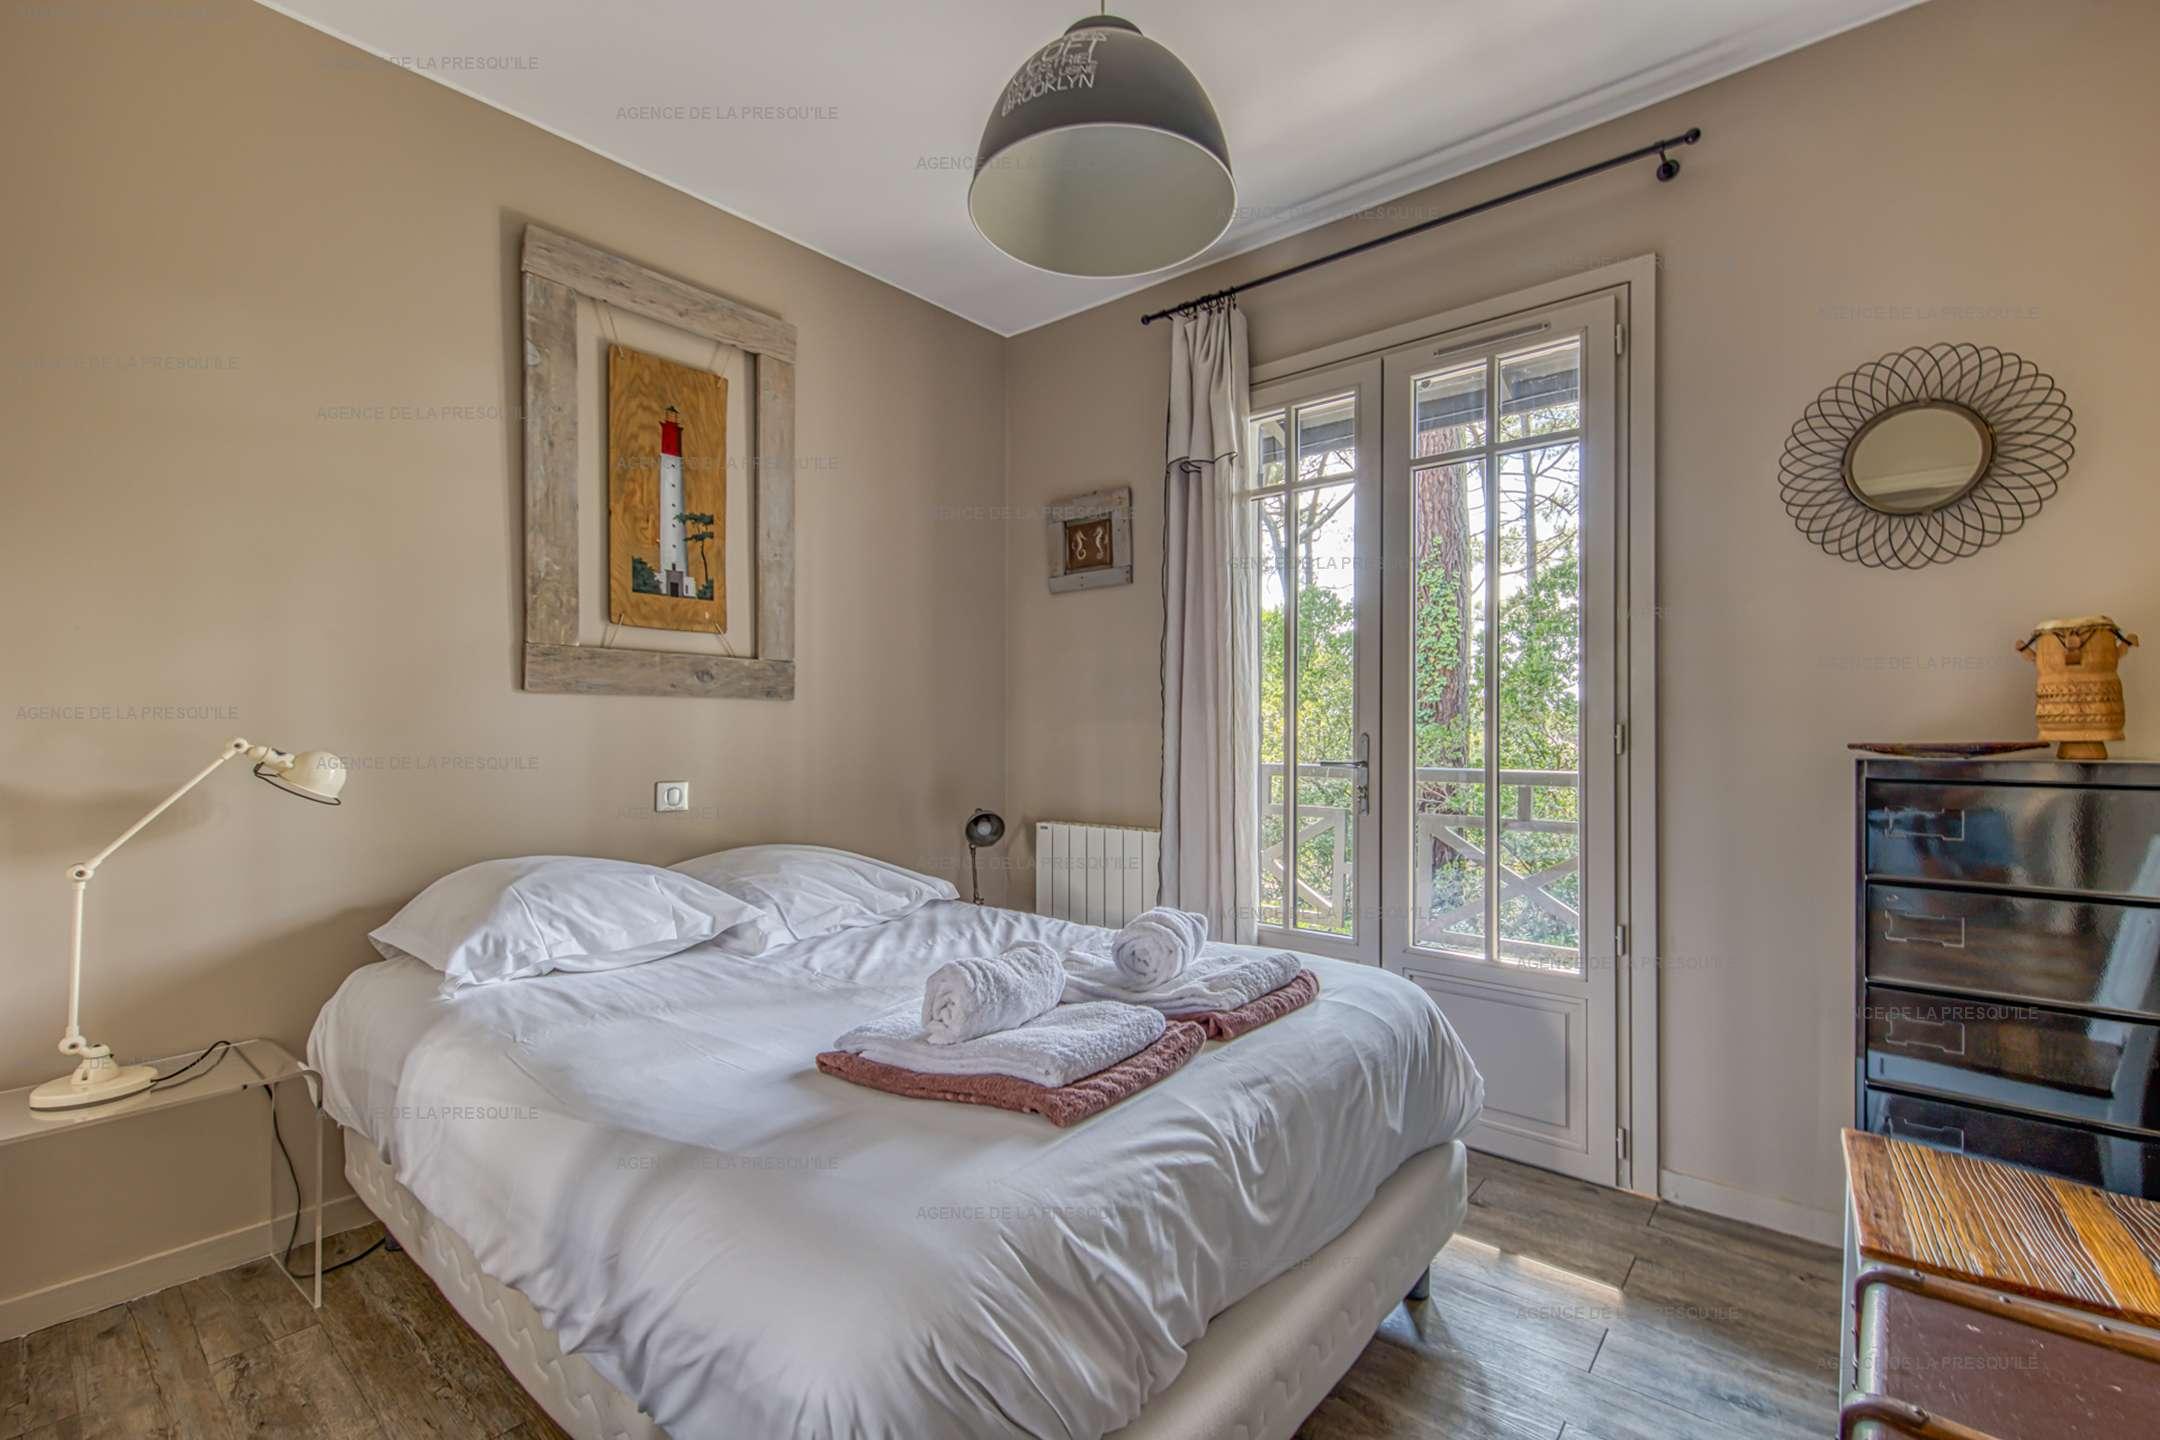 Location: Charmante villa avec piscine, vue bassin, à deux pas des plages 10